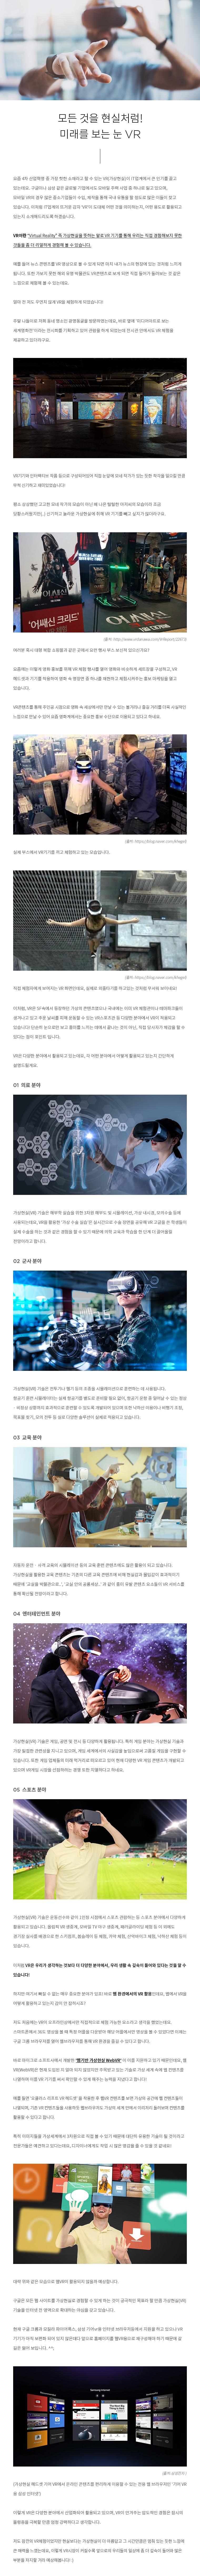 미래를 보는 눈 VR